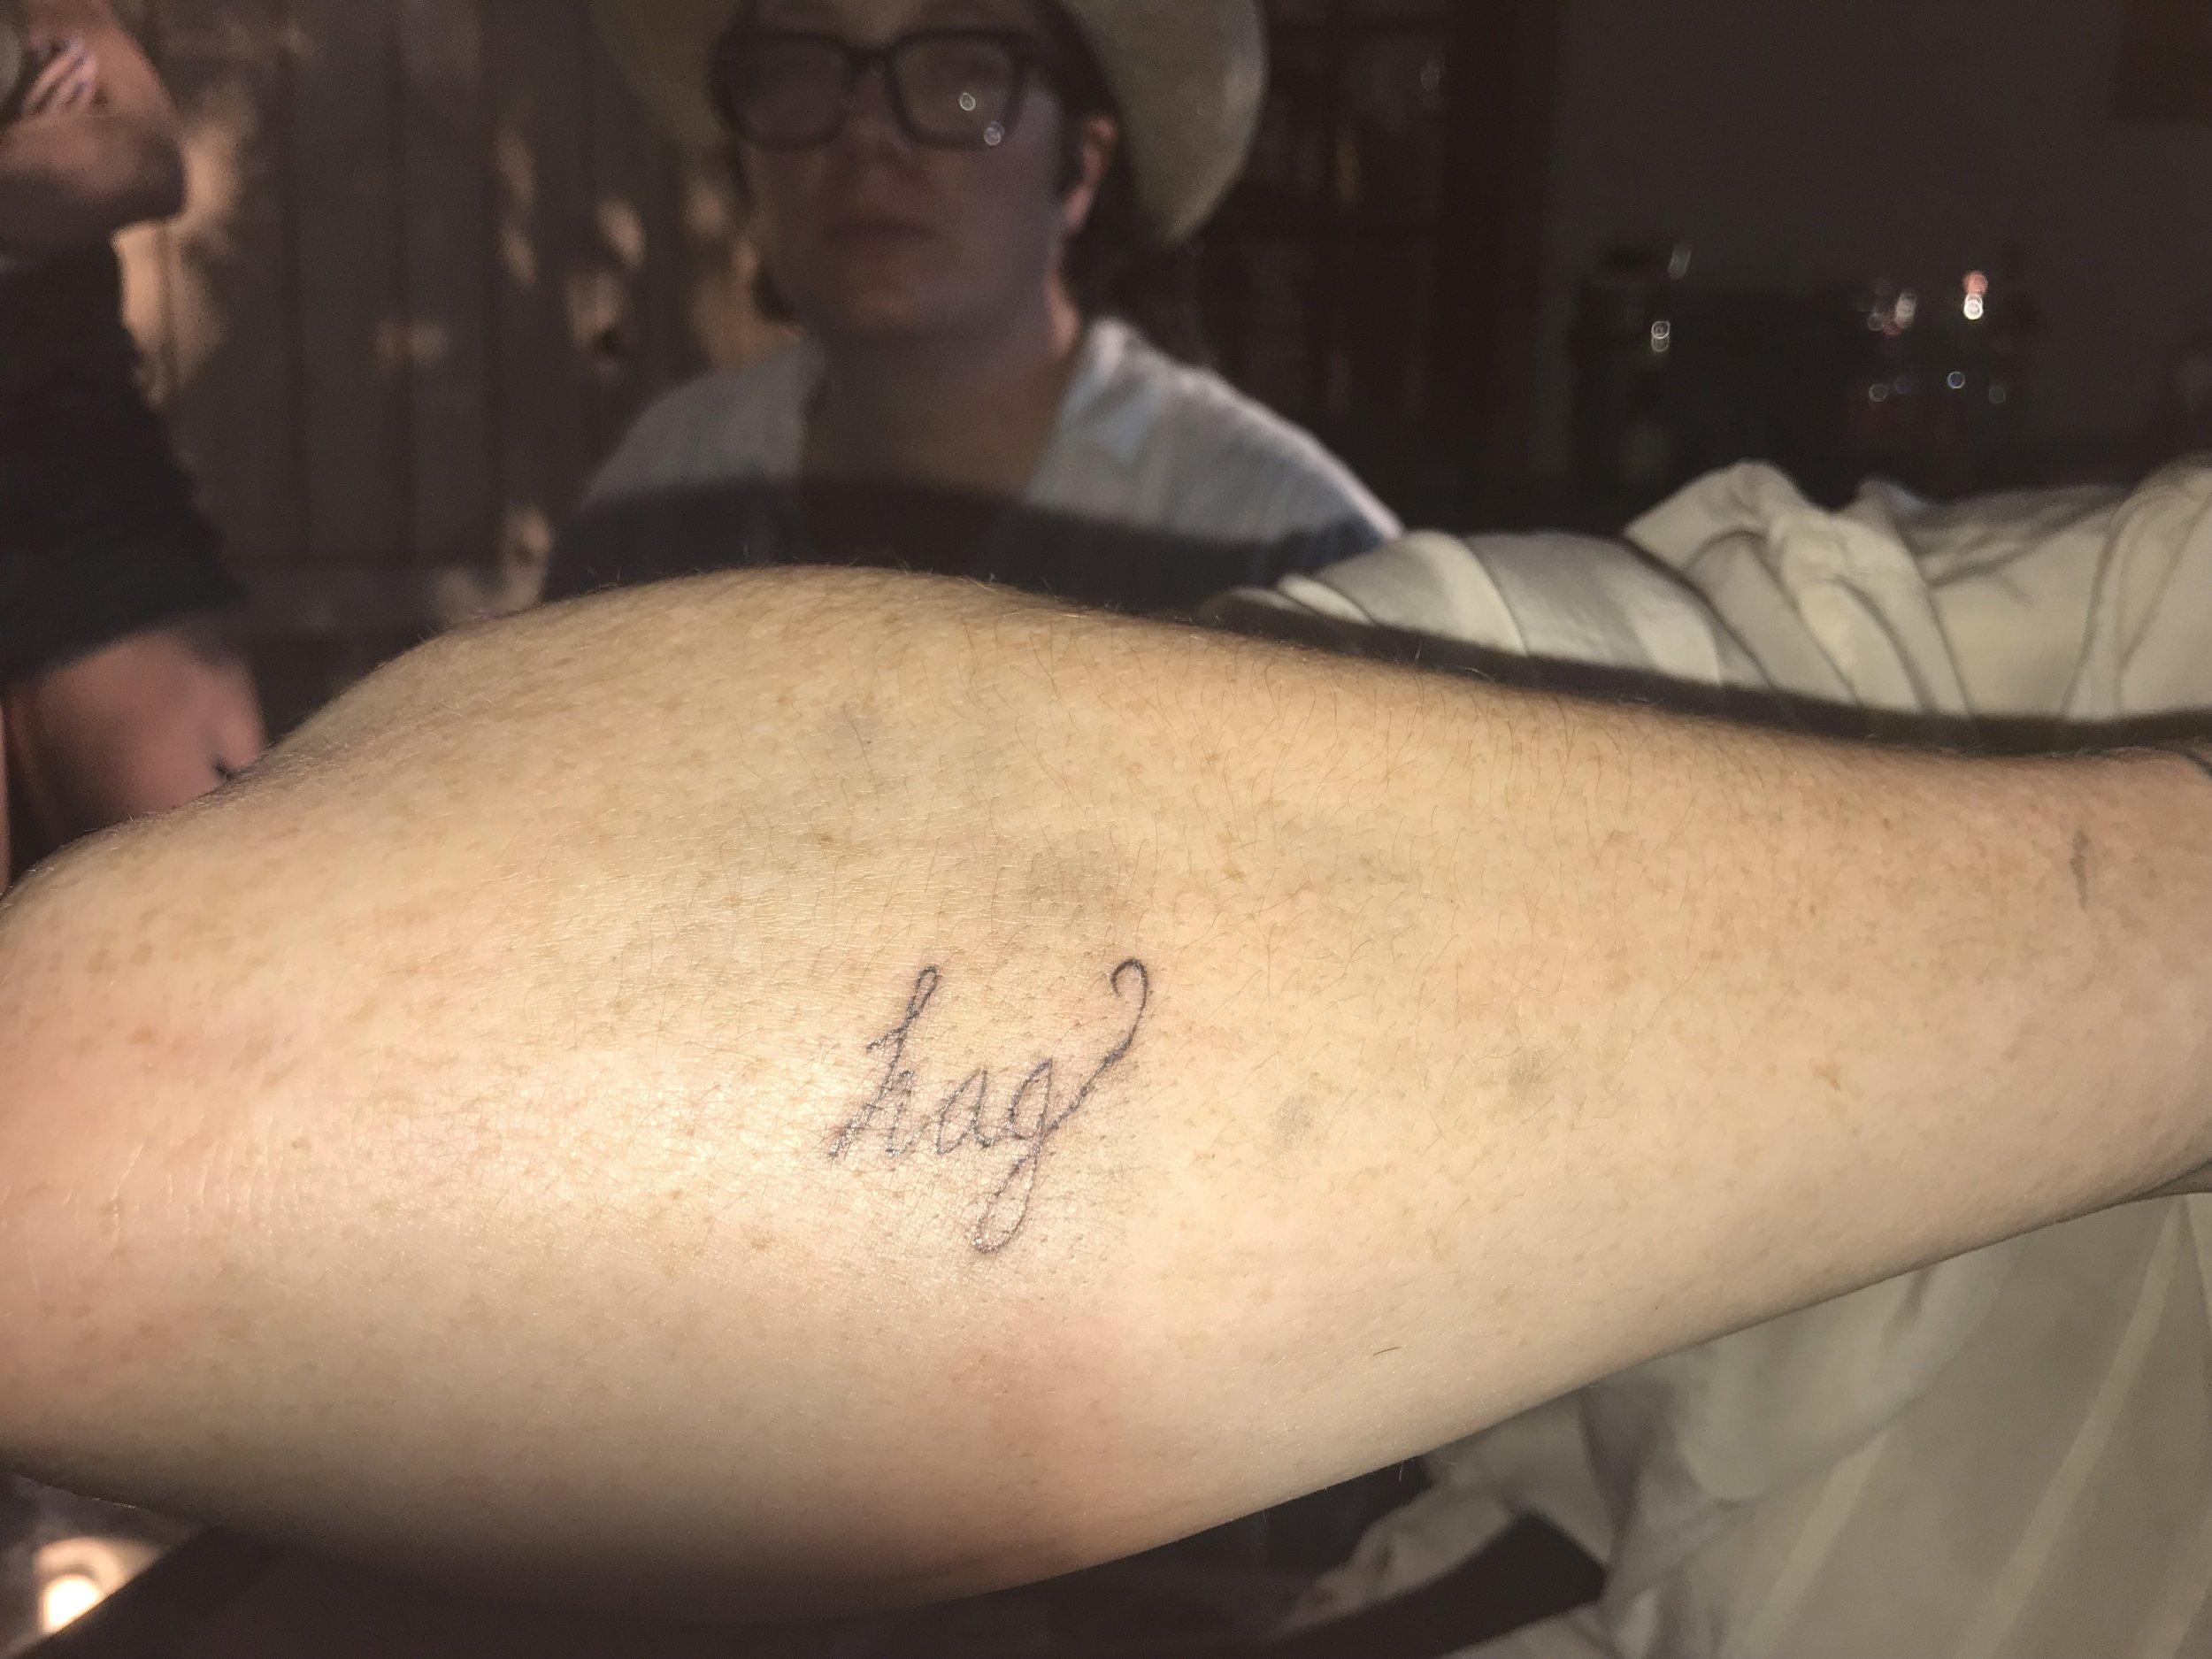 Hag tattoo